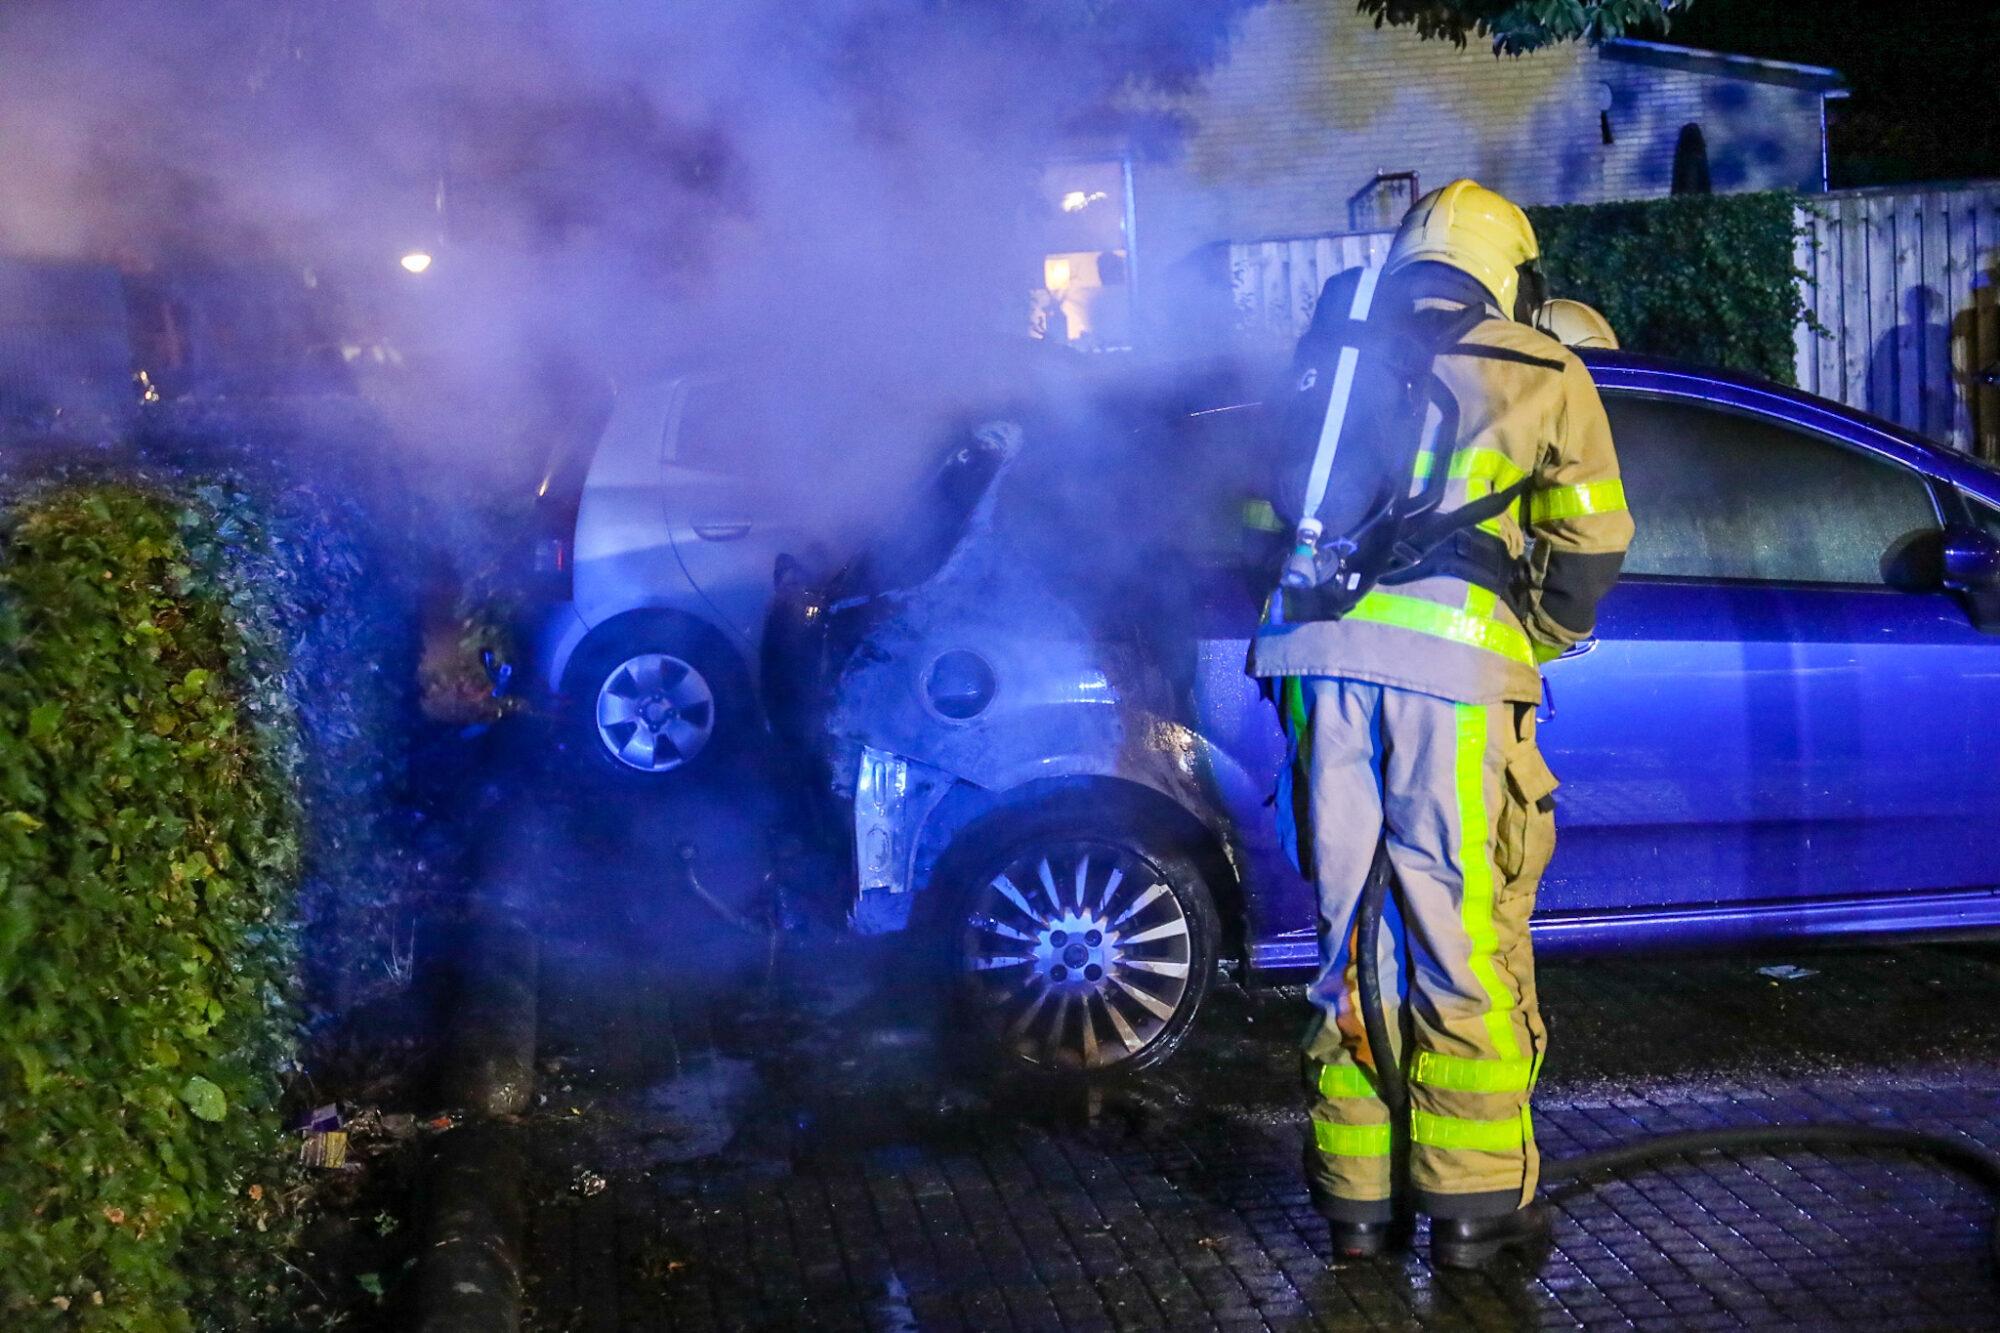 Opnieuw autobrand in de Maten te Apeldoorn; brandstichting niet uitgesloten